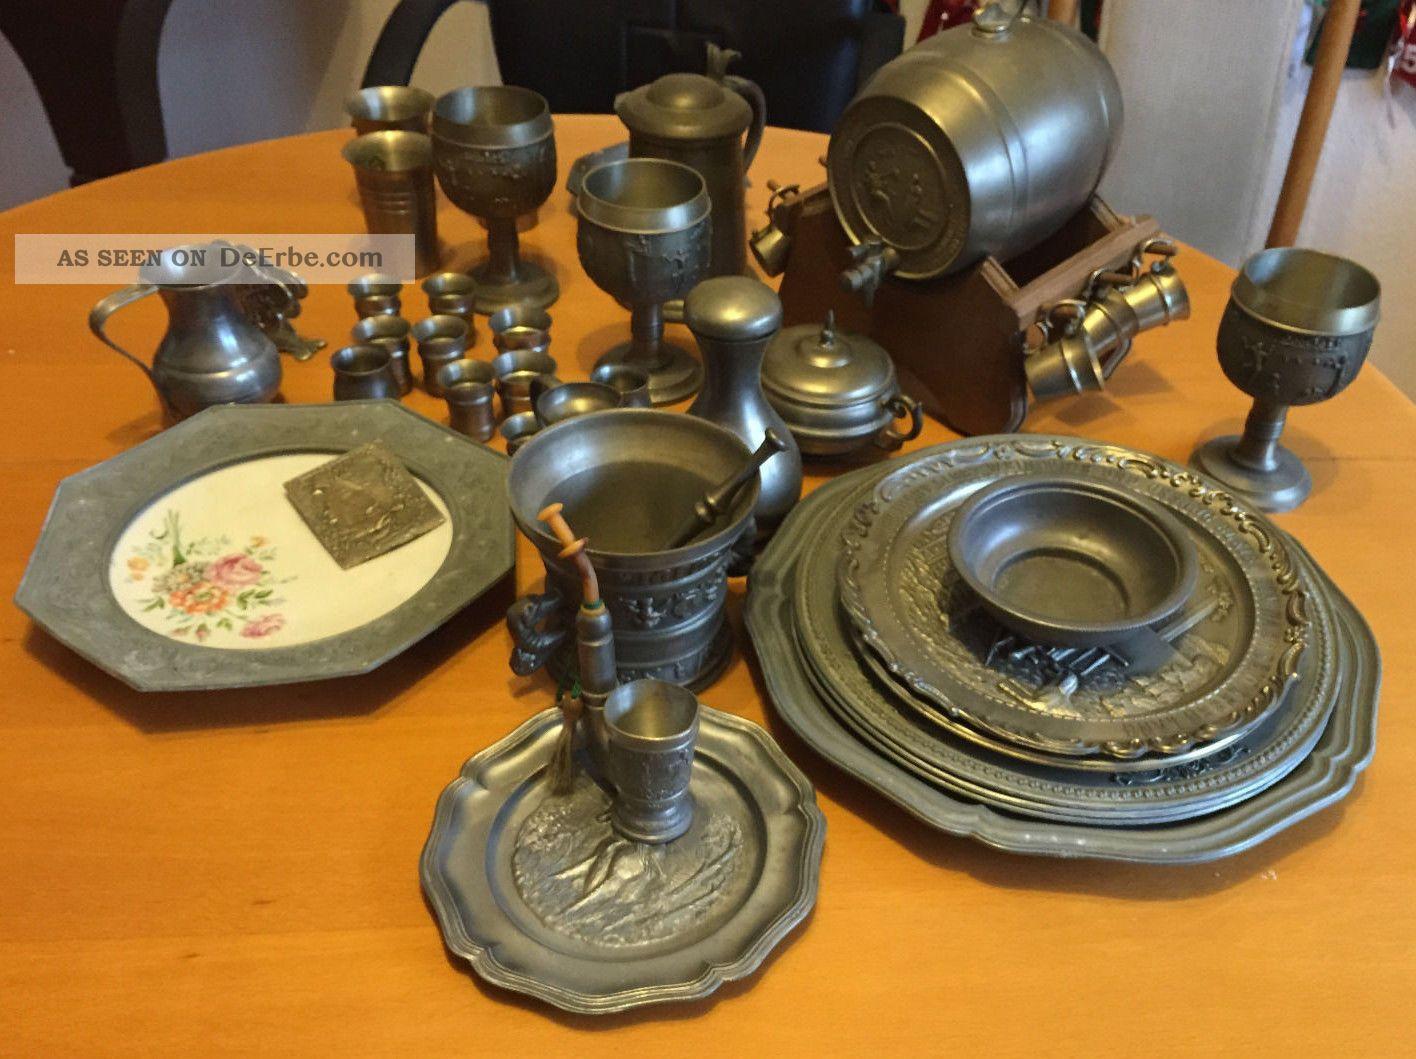 Zinn Zinnsammlung Zinnschrott 17 Kilo Plus 20 Gramm 925 Silberanhänger Gefertigt nach 1945 Bild